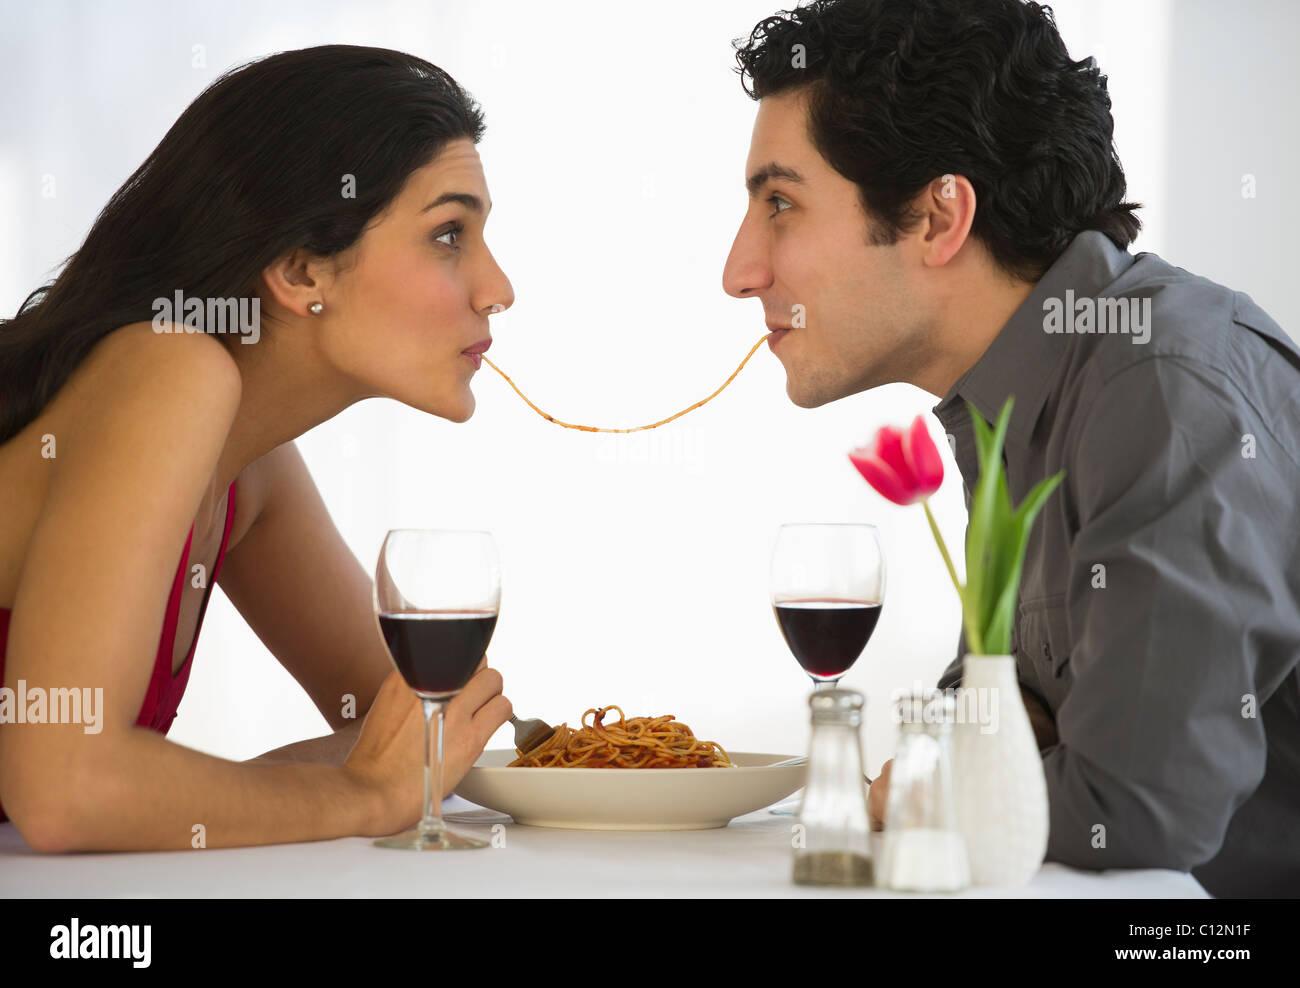 Stati Uniti d'America, New Jersey, Jersey City, felice coppia mangiare spaghetti insieme Immagini Stock